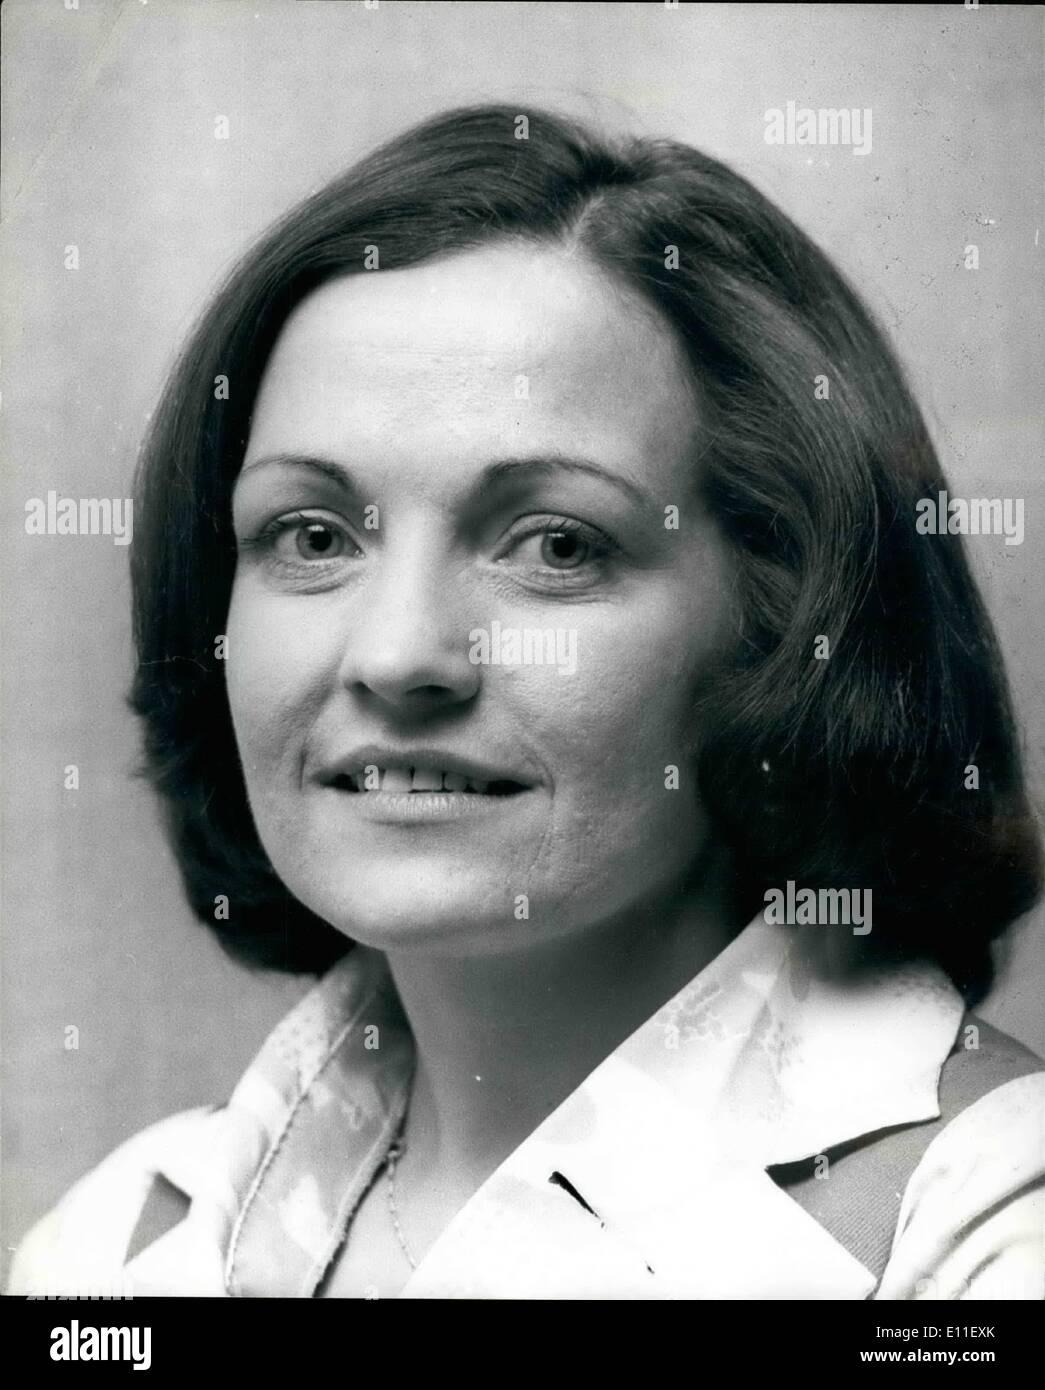 Octubre 10, 1977 - Mujeres Dirigentes del movimiento de paz del Ulster galardonado con el Premio Nobel de la paz: el Premio Nobel de la Paz fue otorgado ayer a la mujer que fundó el movimiento de paz del Ulster. Son Betty Williams y Mairead Corrigan, y el premio será por valor de más de 5.000. Phot muestra Mairead Corrigan una de las dos mujeres dirigentes del movimiento de paz del Ulster, que han sido galardonados con el Premio Nobe;l paz. Imagen De Stock